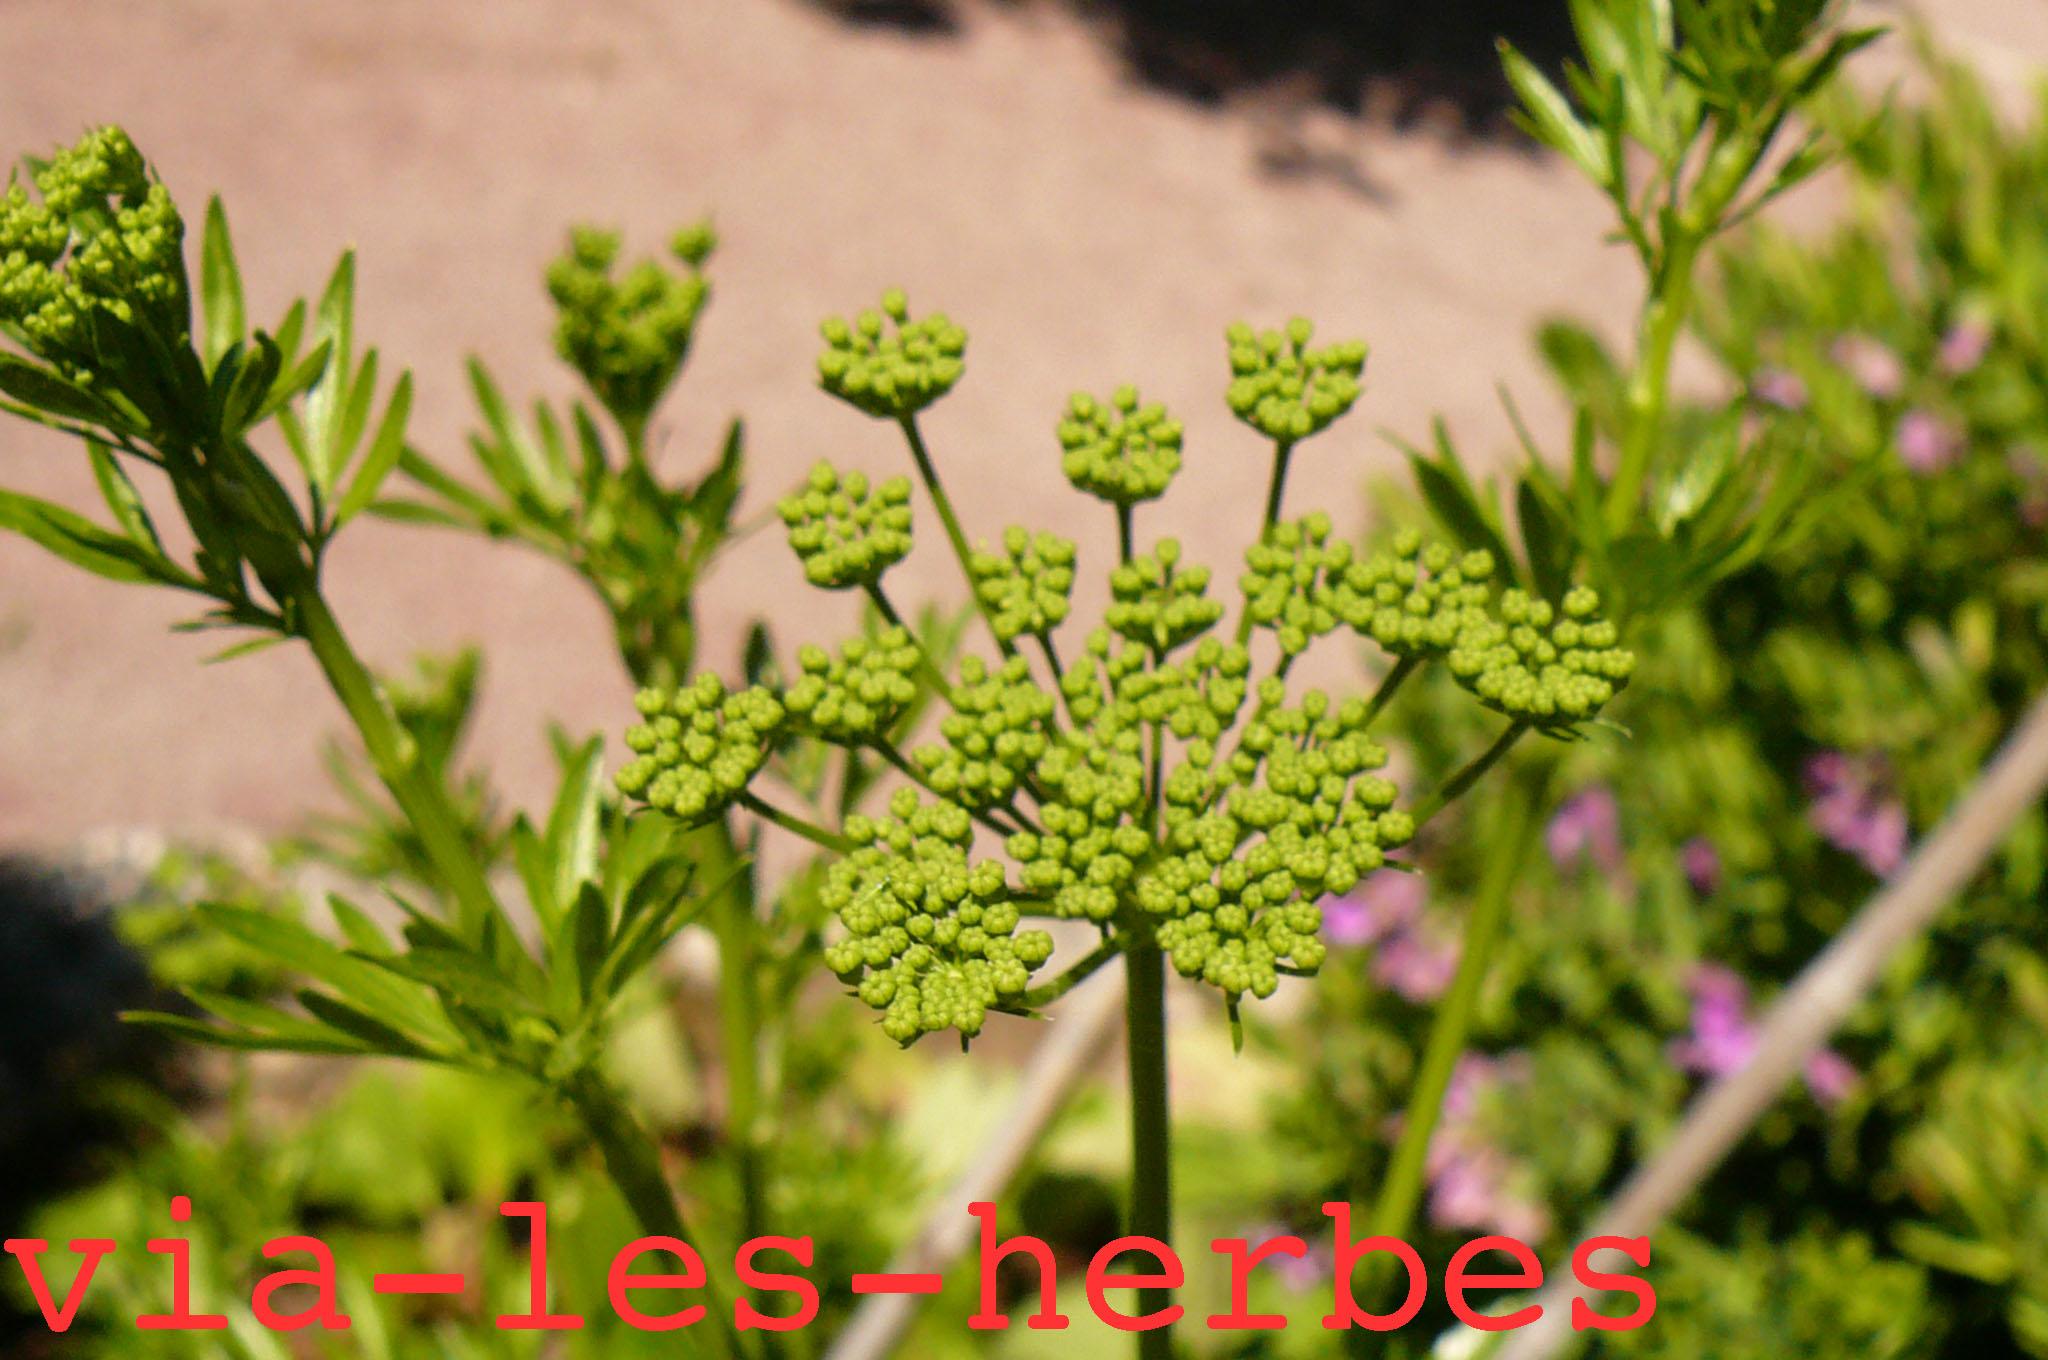 Le persil premire plante condimentaire  Vialesherbes